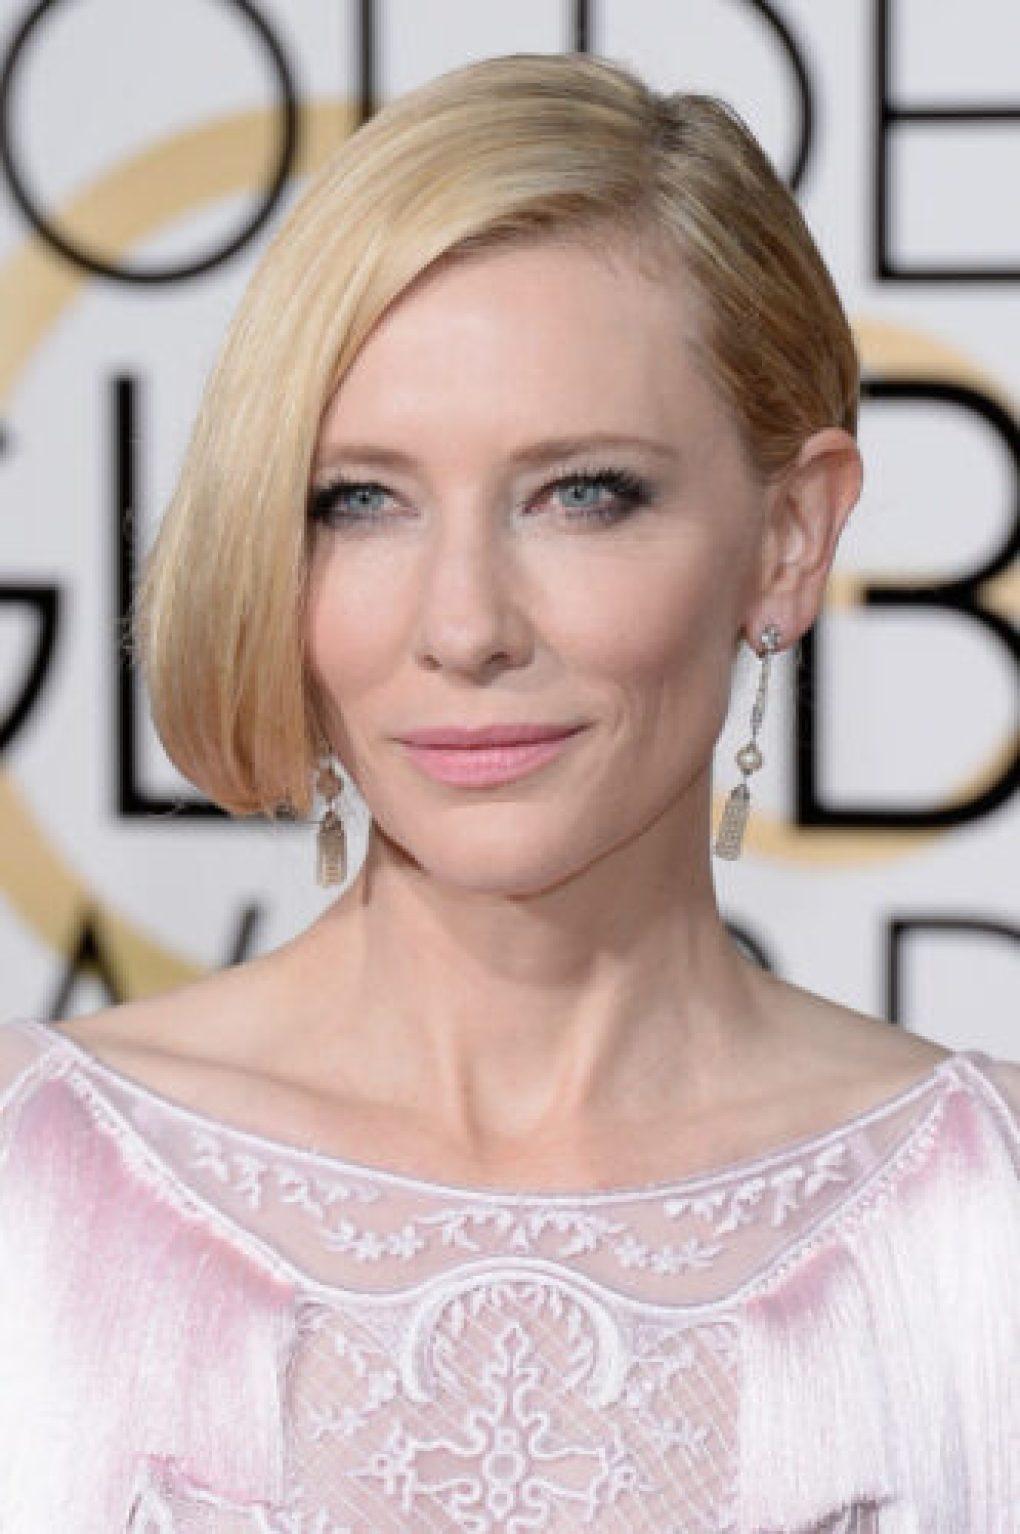 Cate Blanchett Globo de Ouro